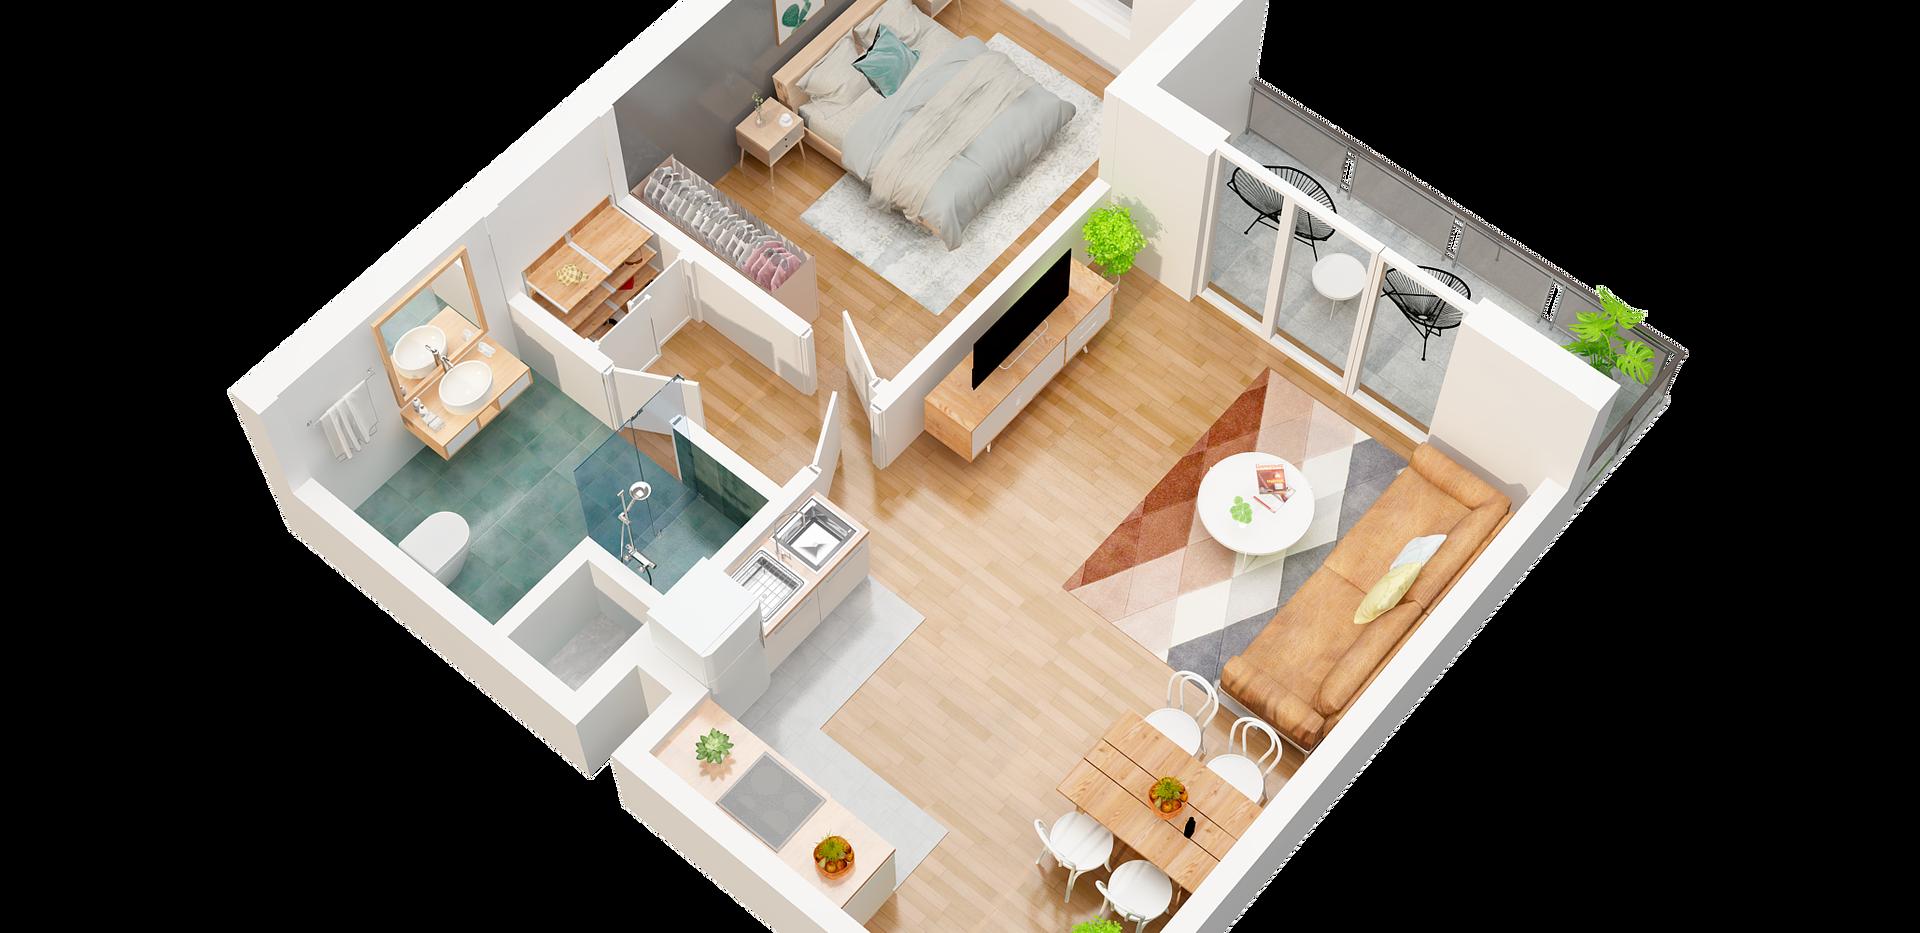 baphdia_1_3D pro floor plan